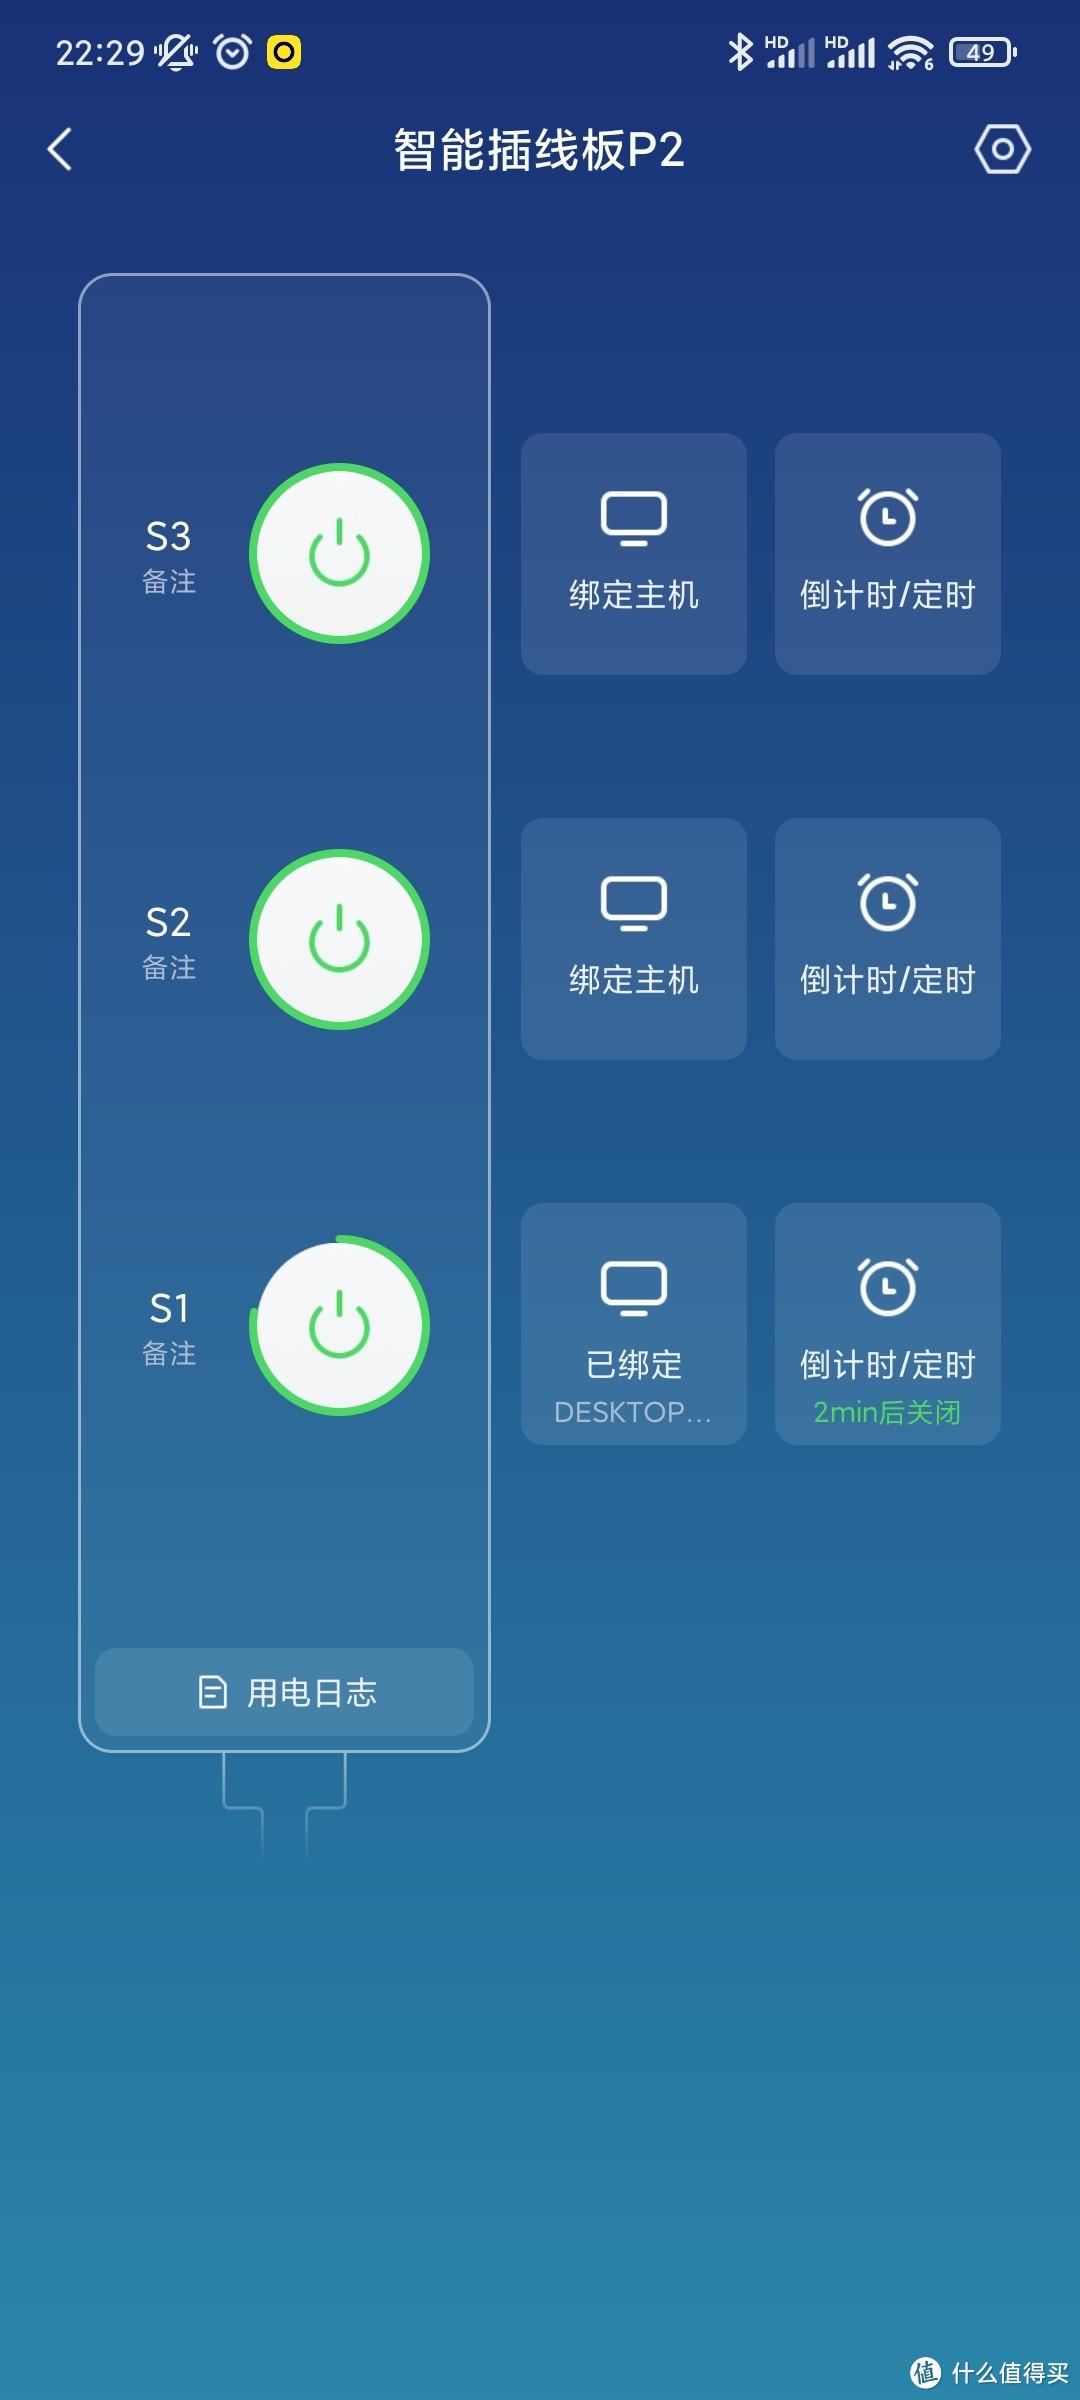 旧设备秒变智能 支持远程开机的向日葵智能插座 P2 使用体验